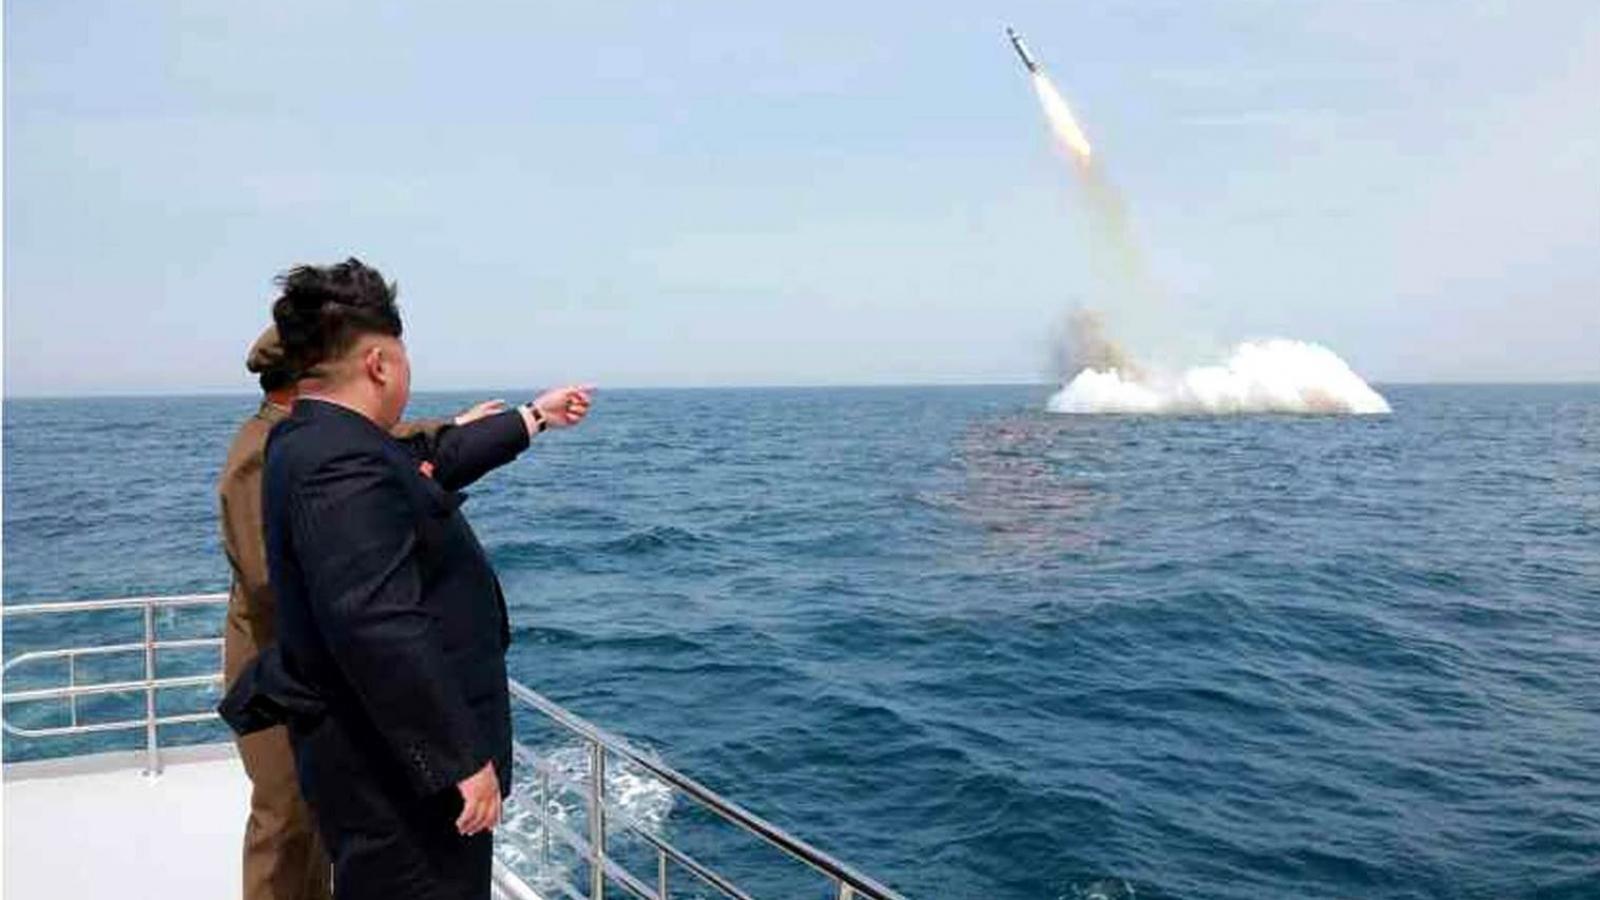 Mỹ-Hàn cảnh giác trước dấu hiệu Triều Tiên có thể thử tên lửa đạn đạo